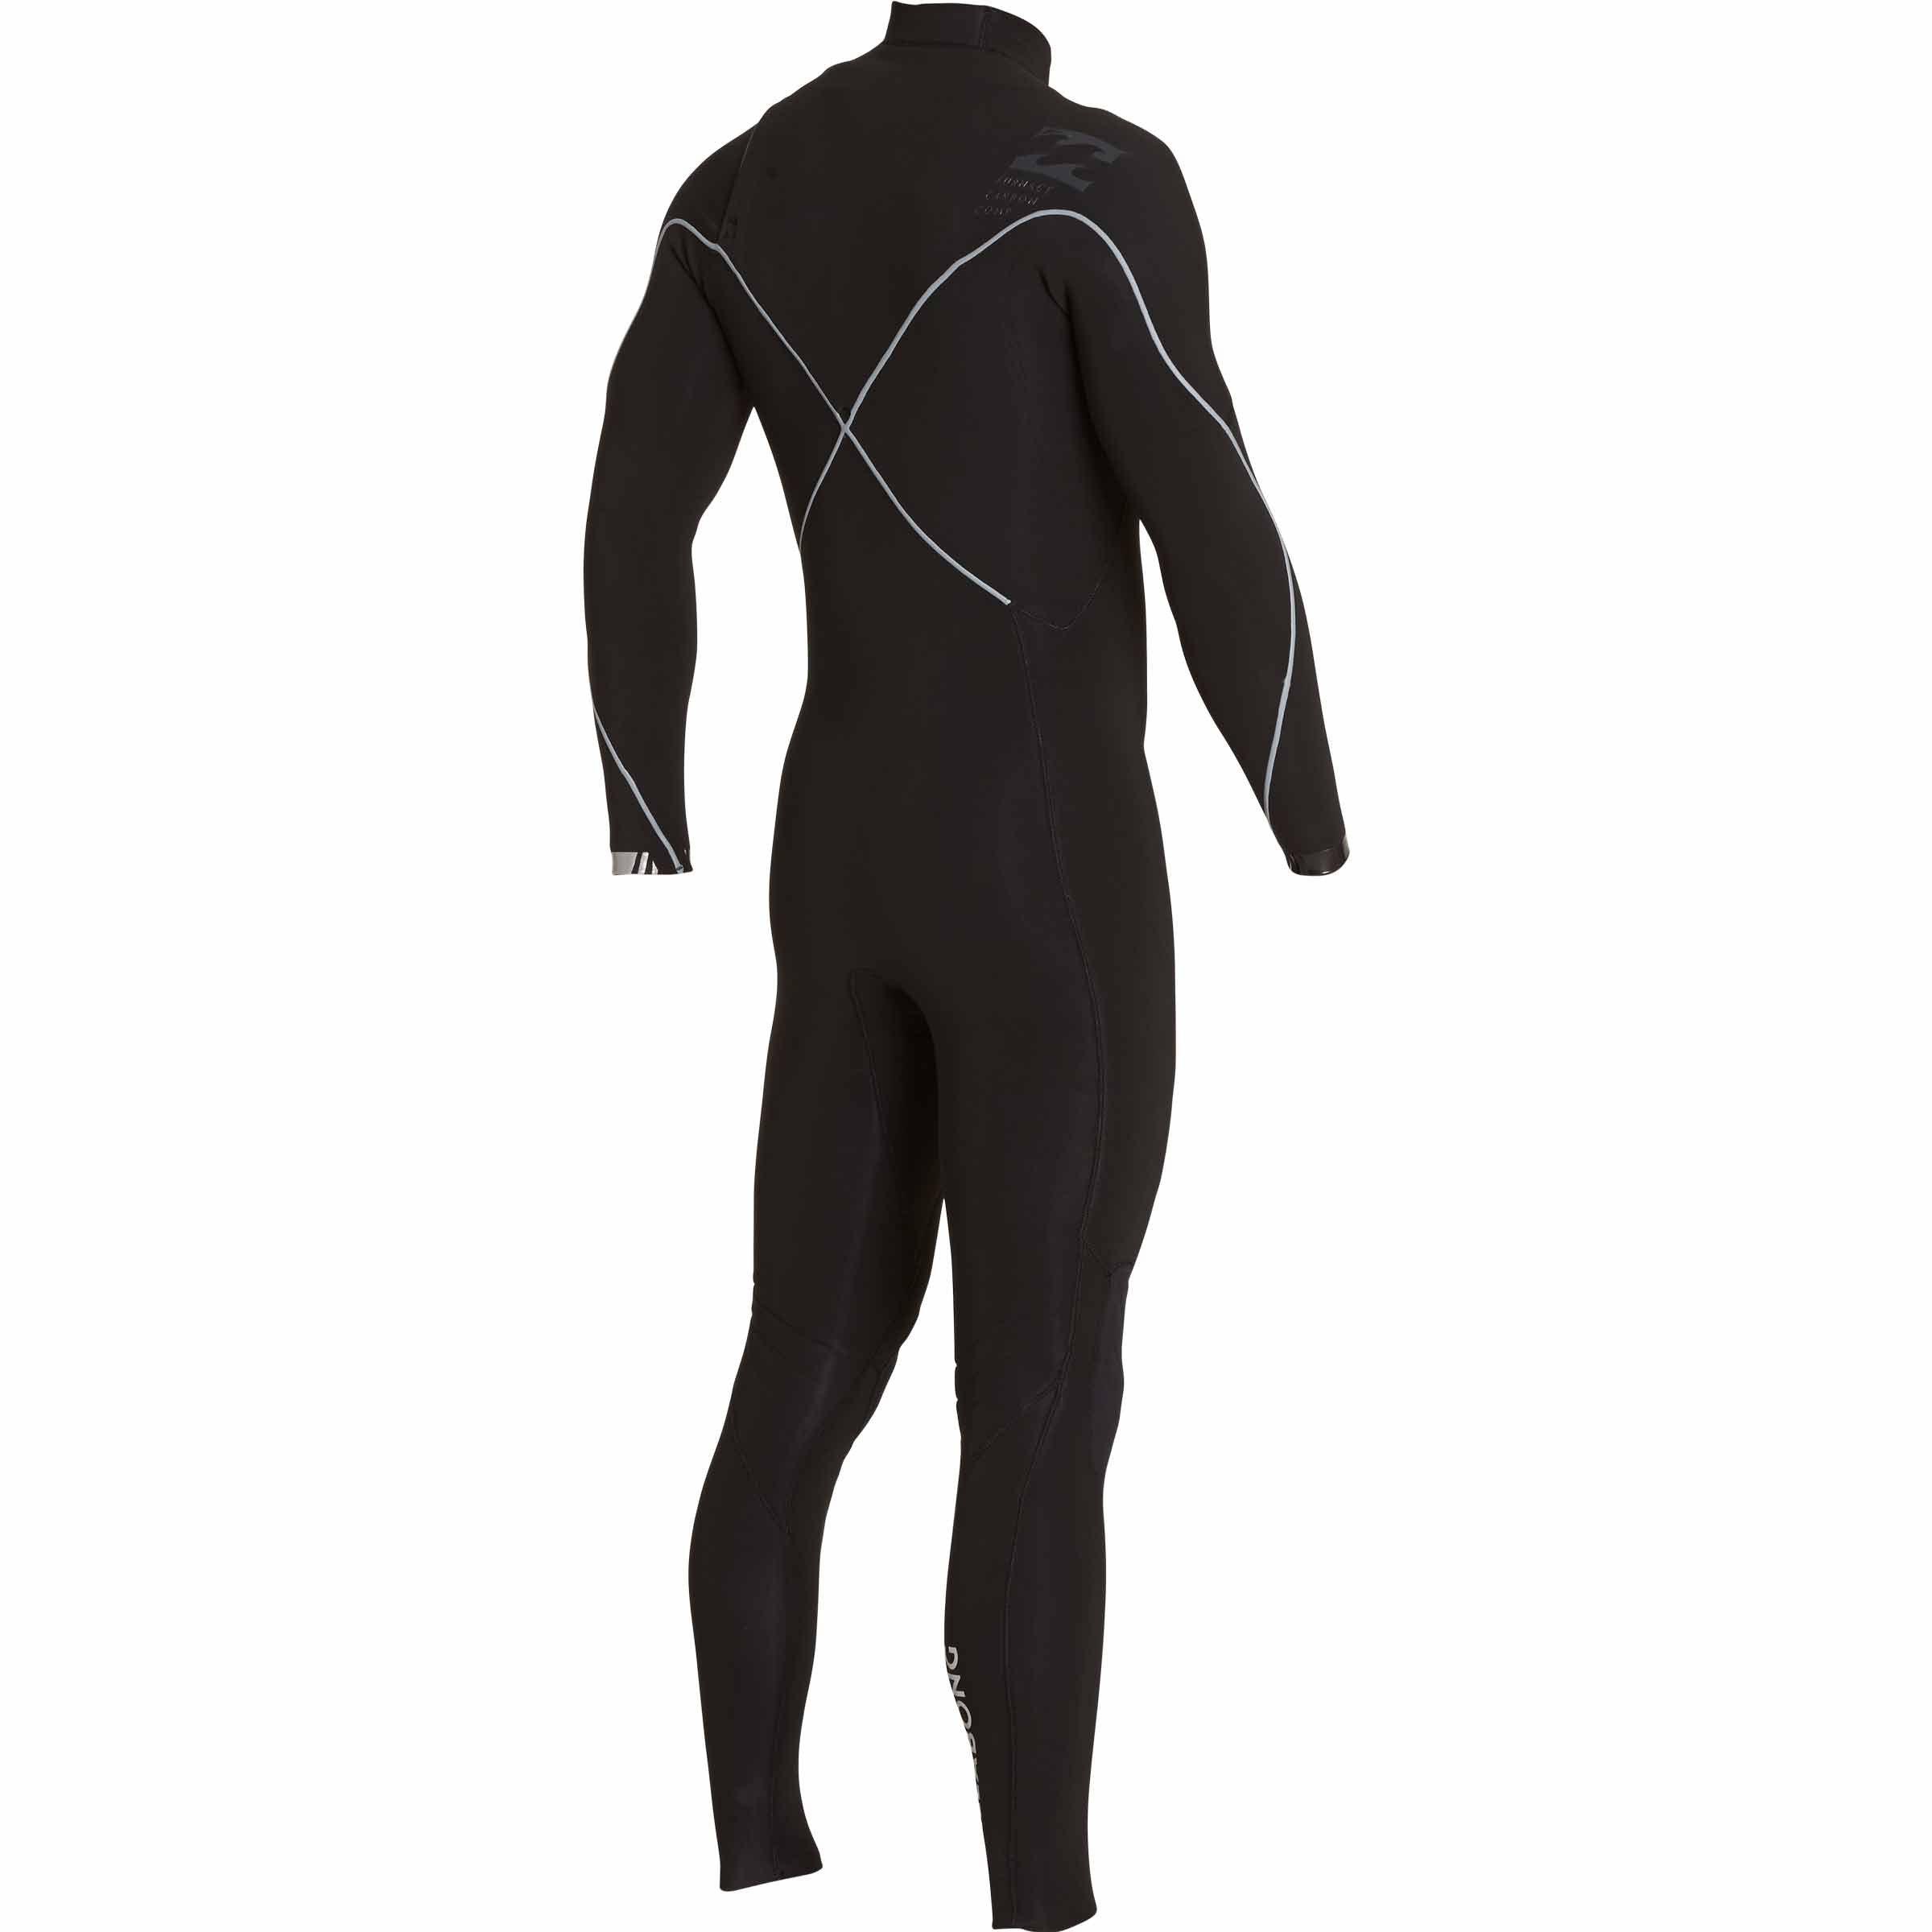 Billabong Men's 3/2 Furnace Carbon Comp Chest Zip Fullsuit Black Large